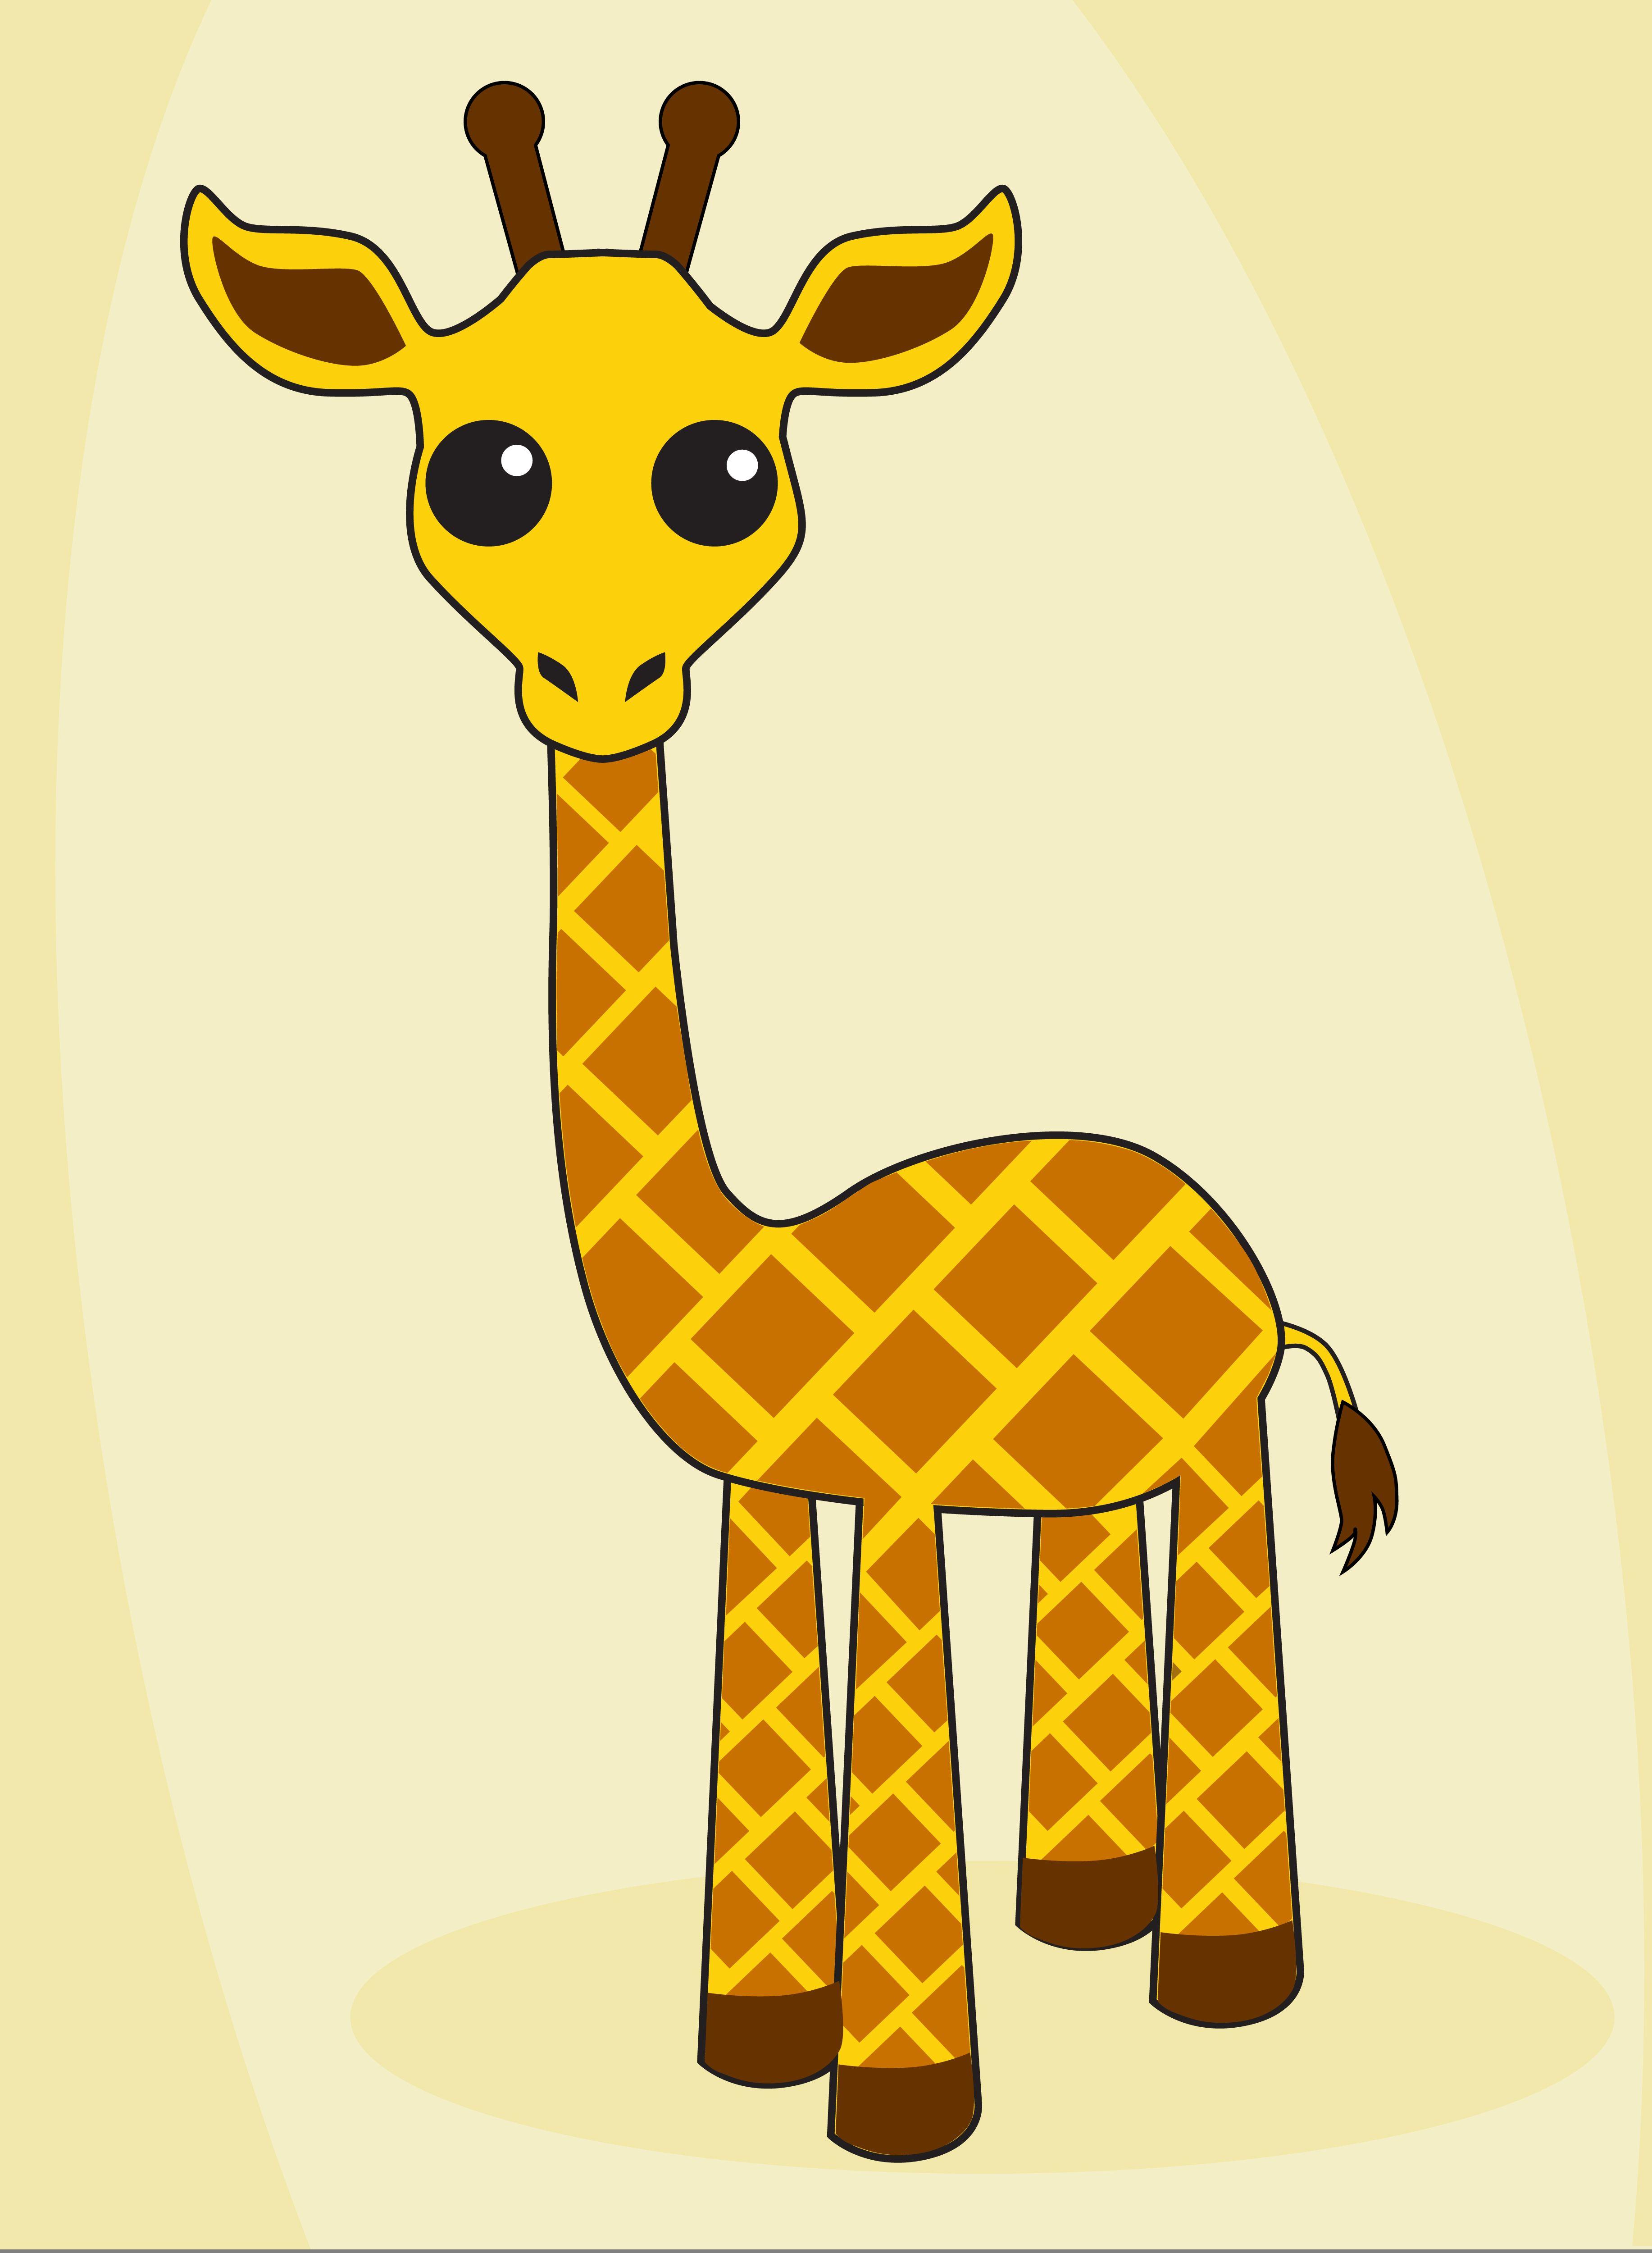 Жирафы картинки для детей нарисованные